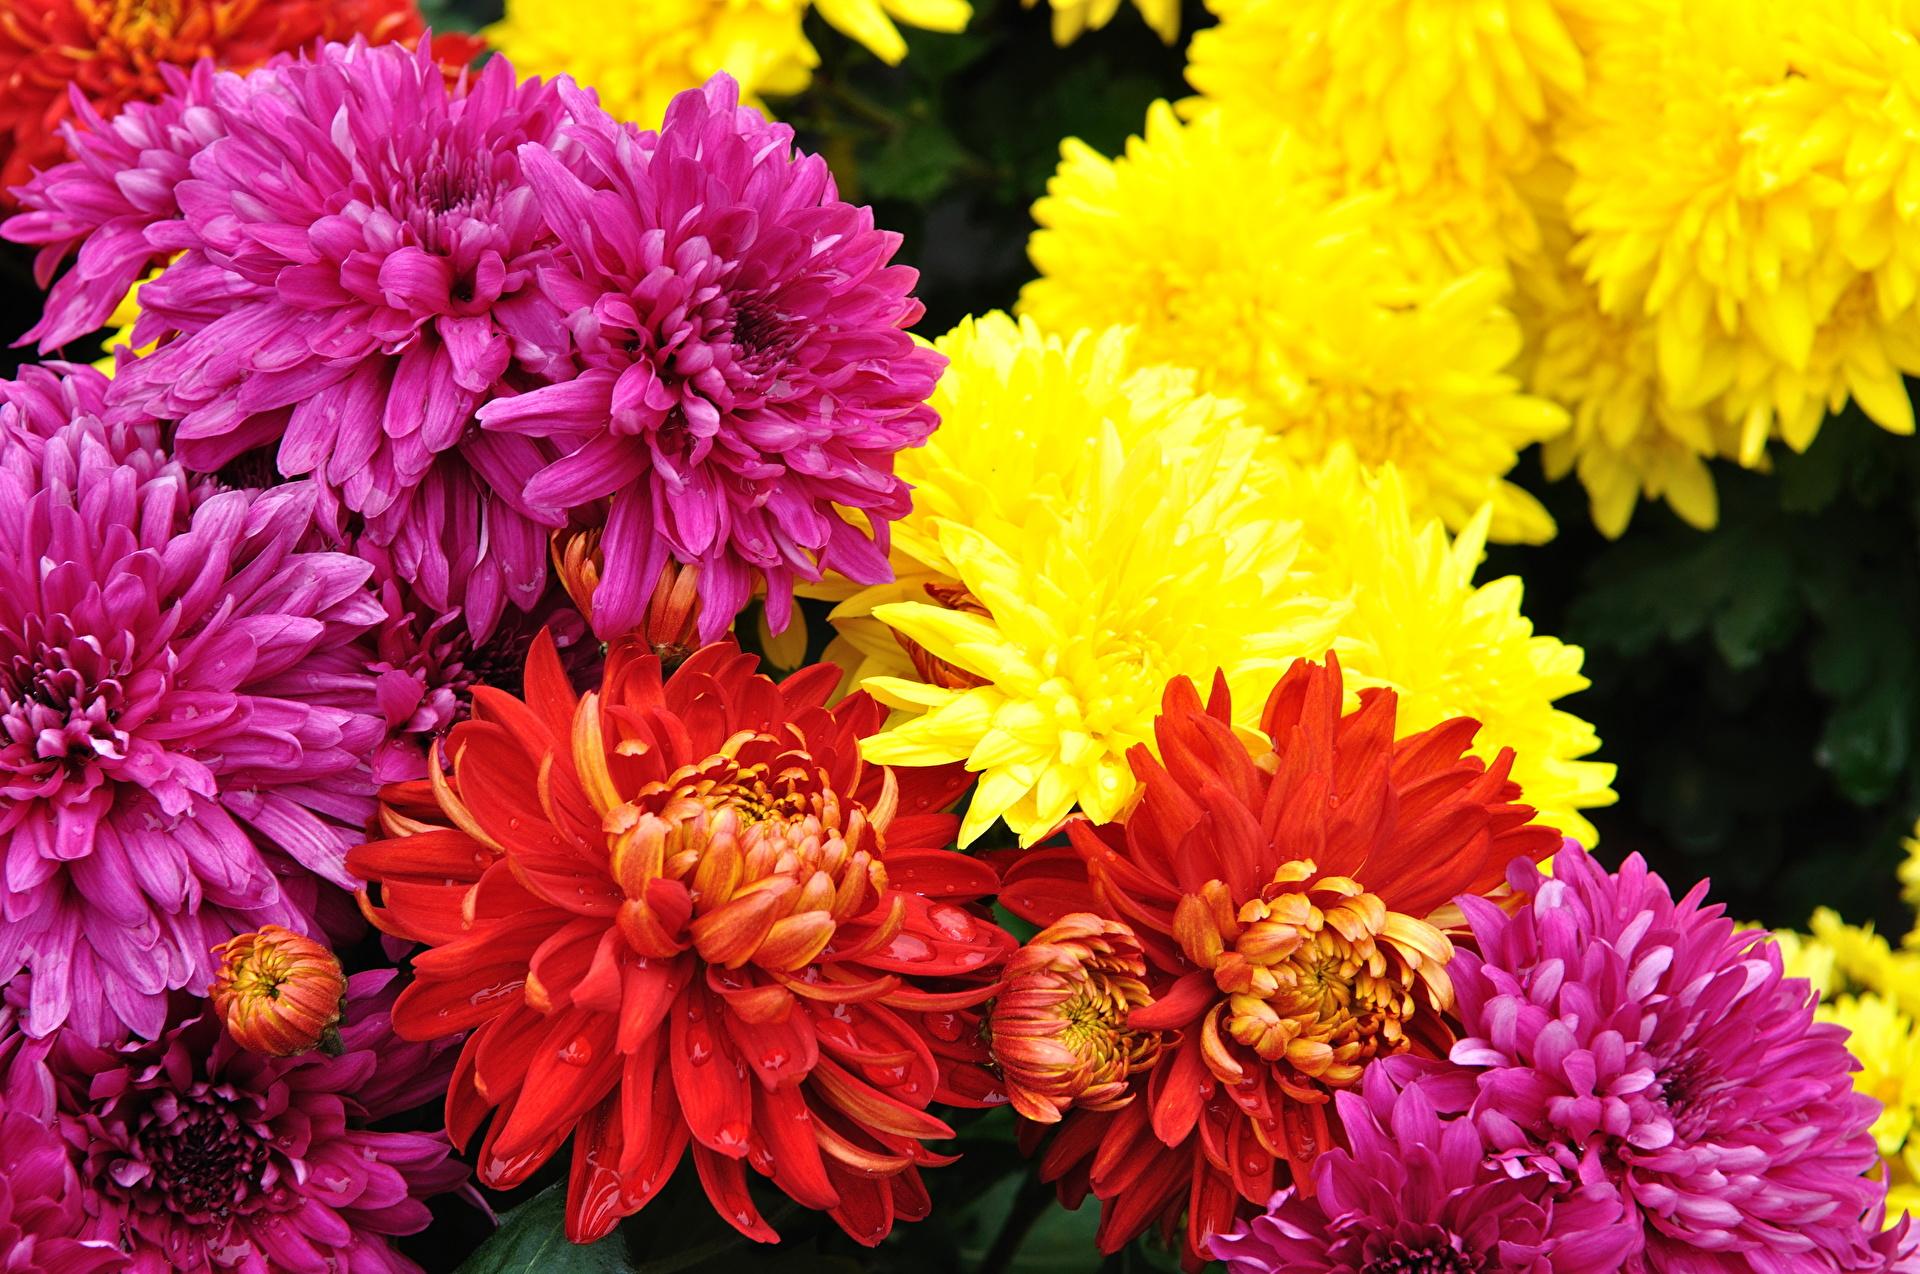 хризантема цветы  № 1353201 загрузить